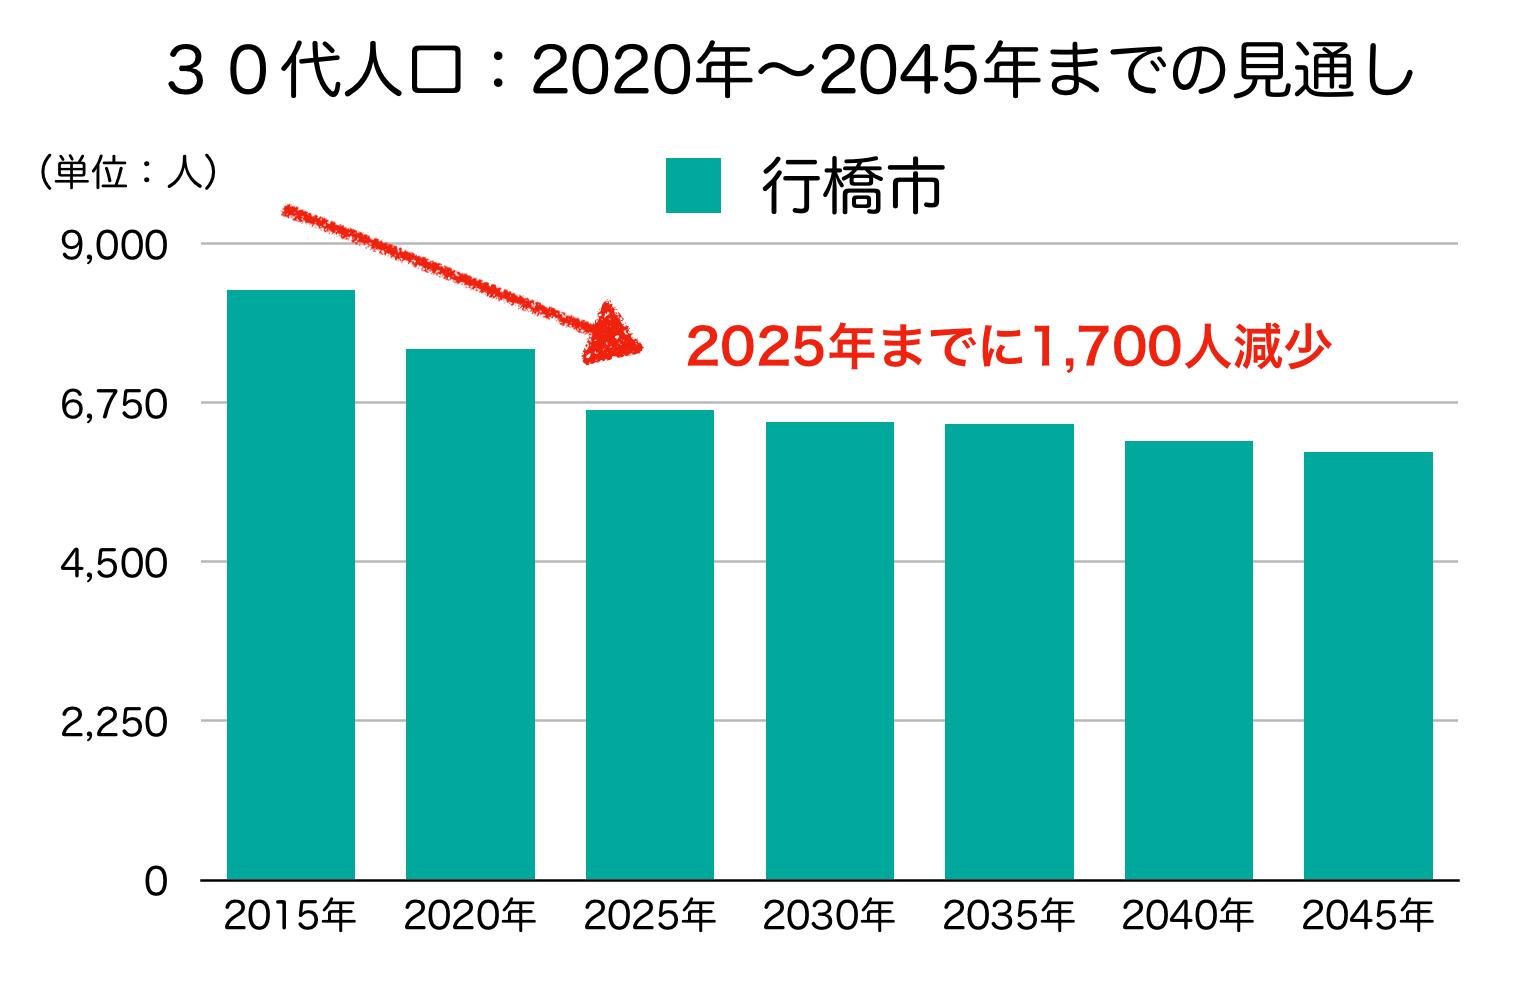 行橋市の30代人口の予測